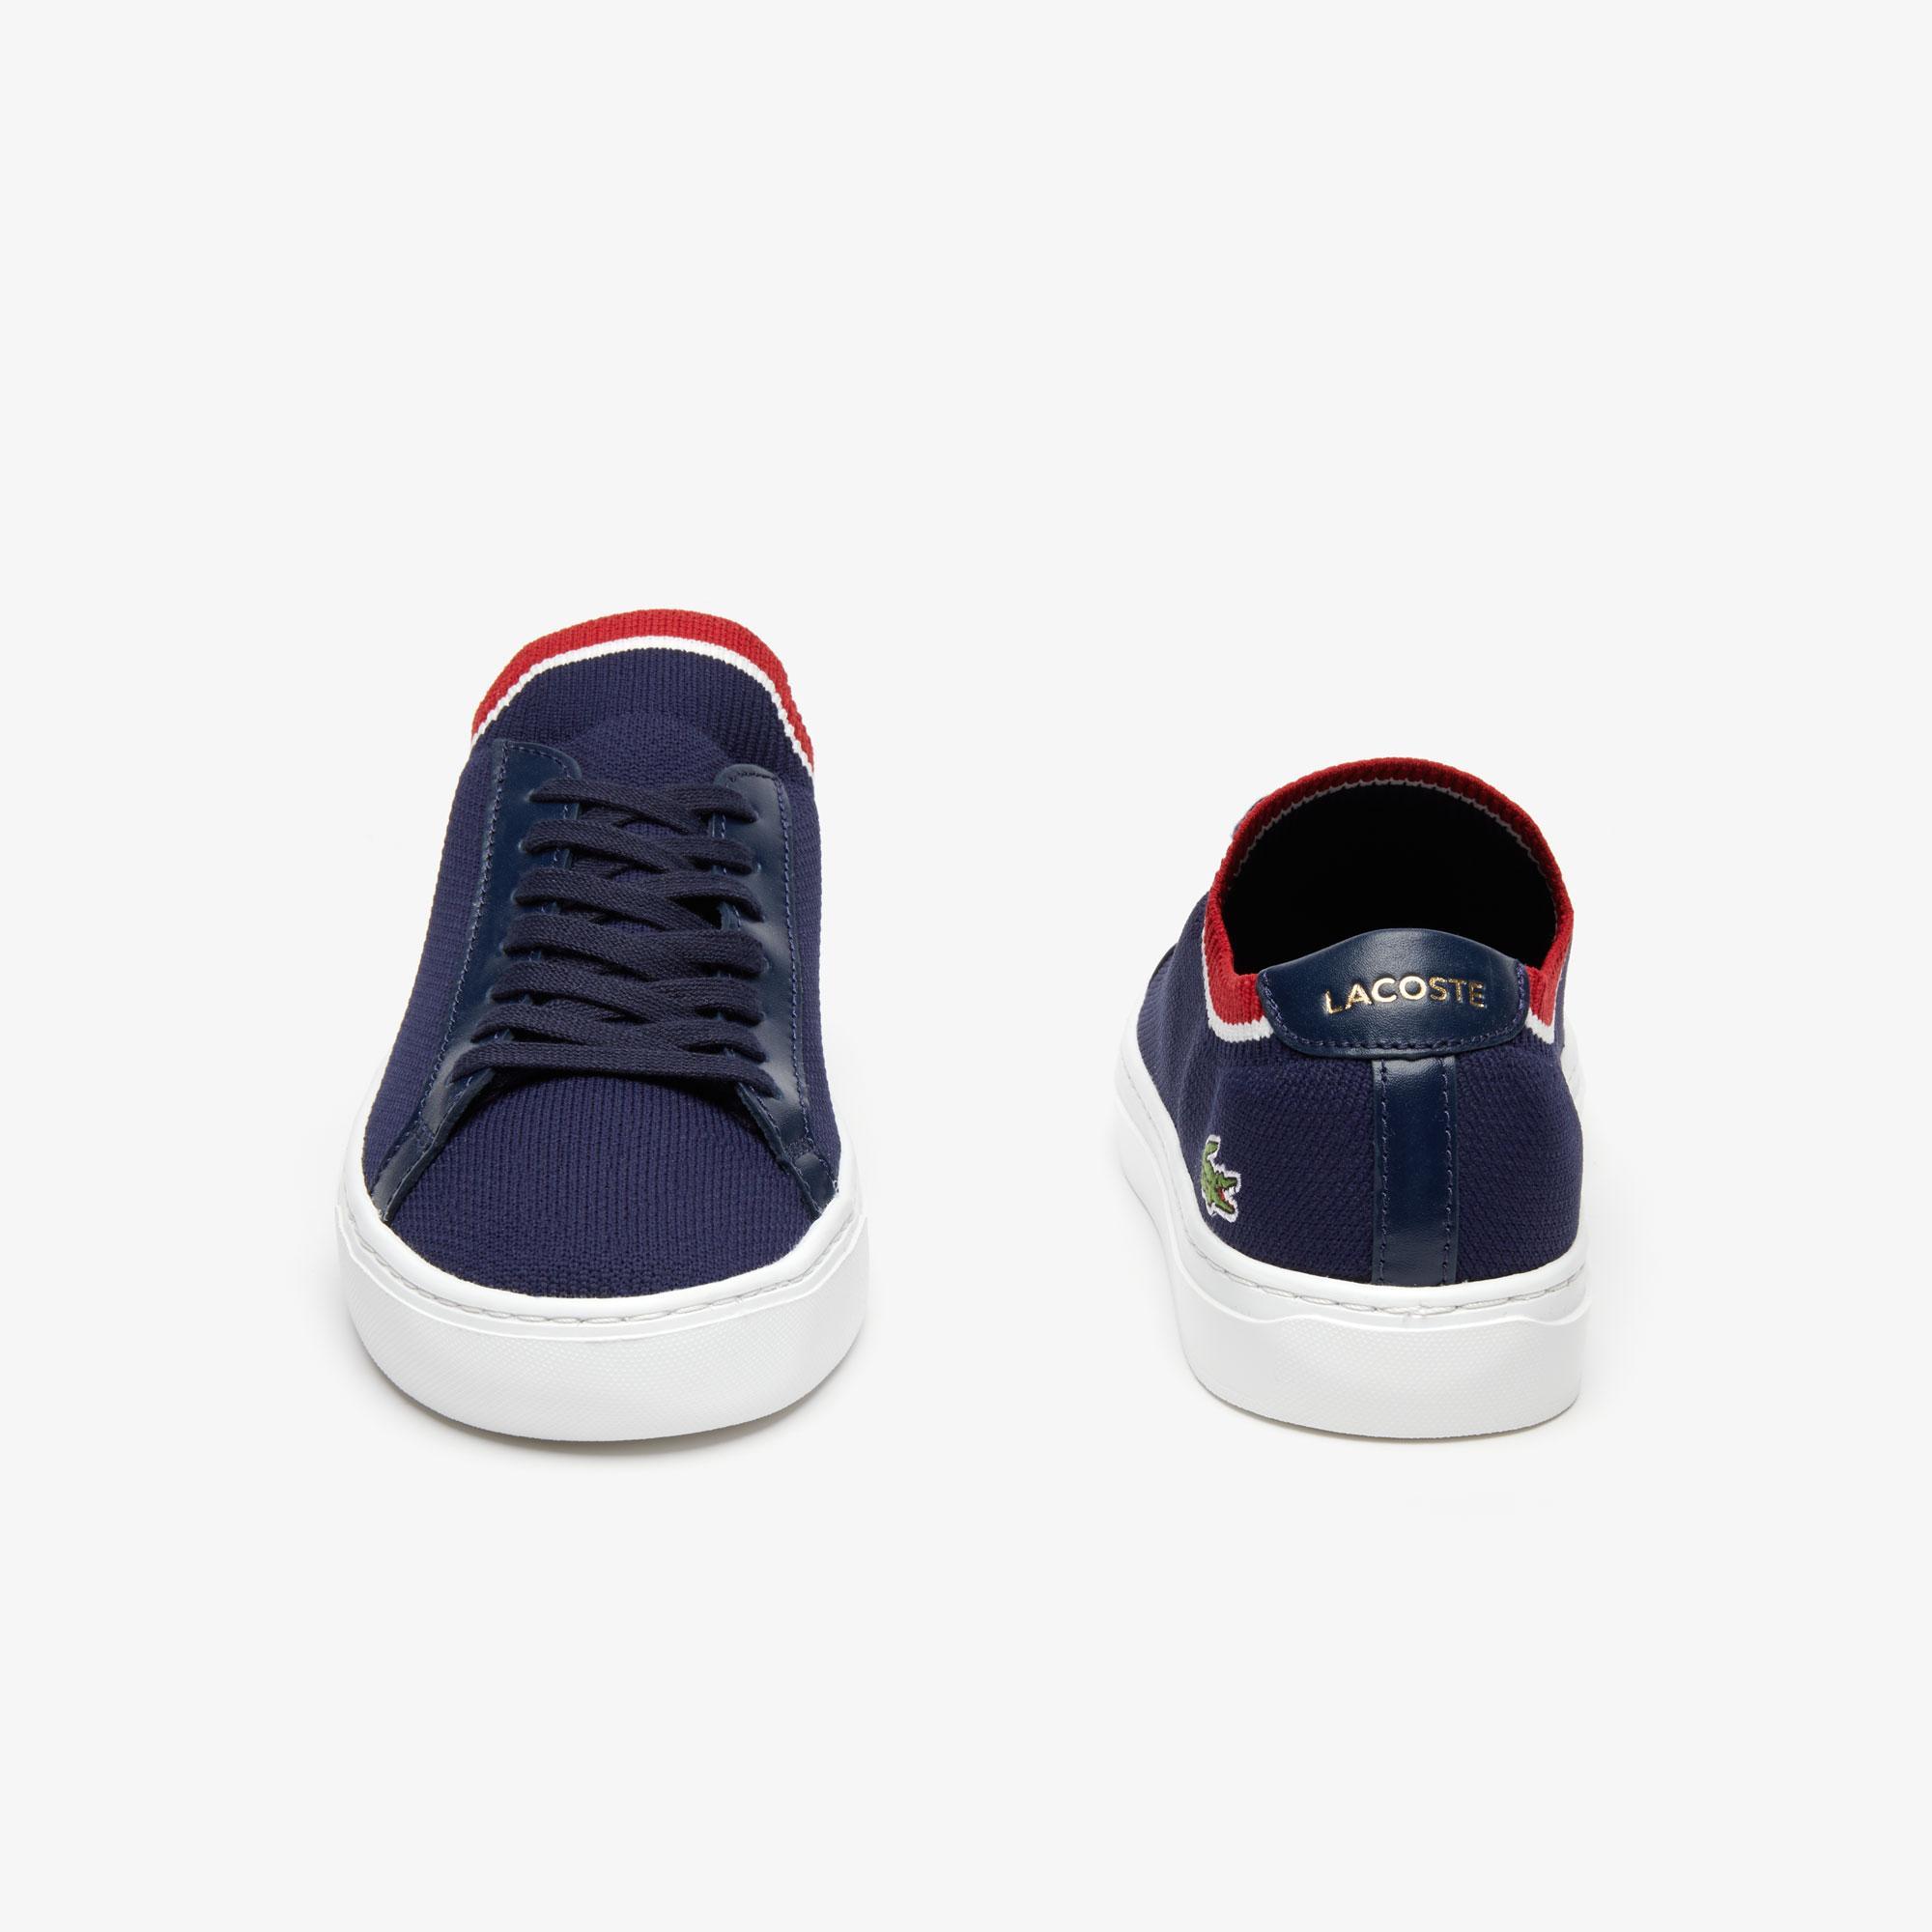 Lacoste La Piquee 119 1 Męskie Sneakersy